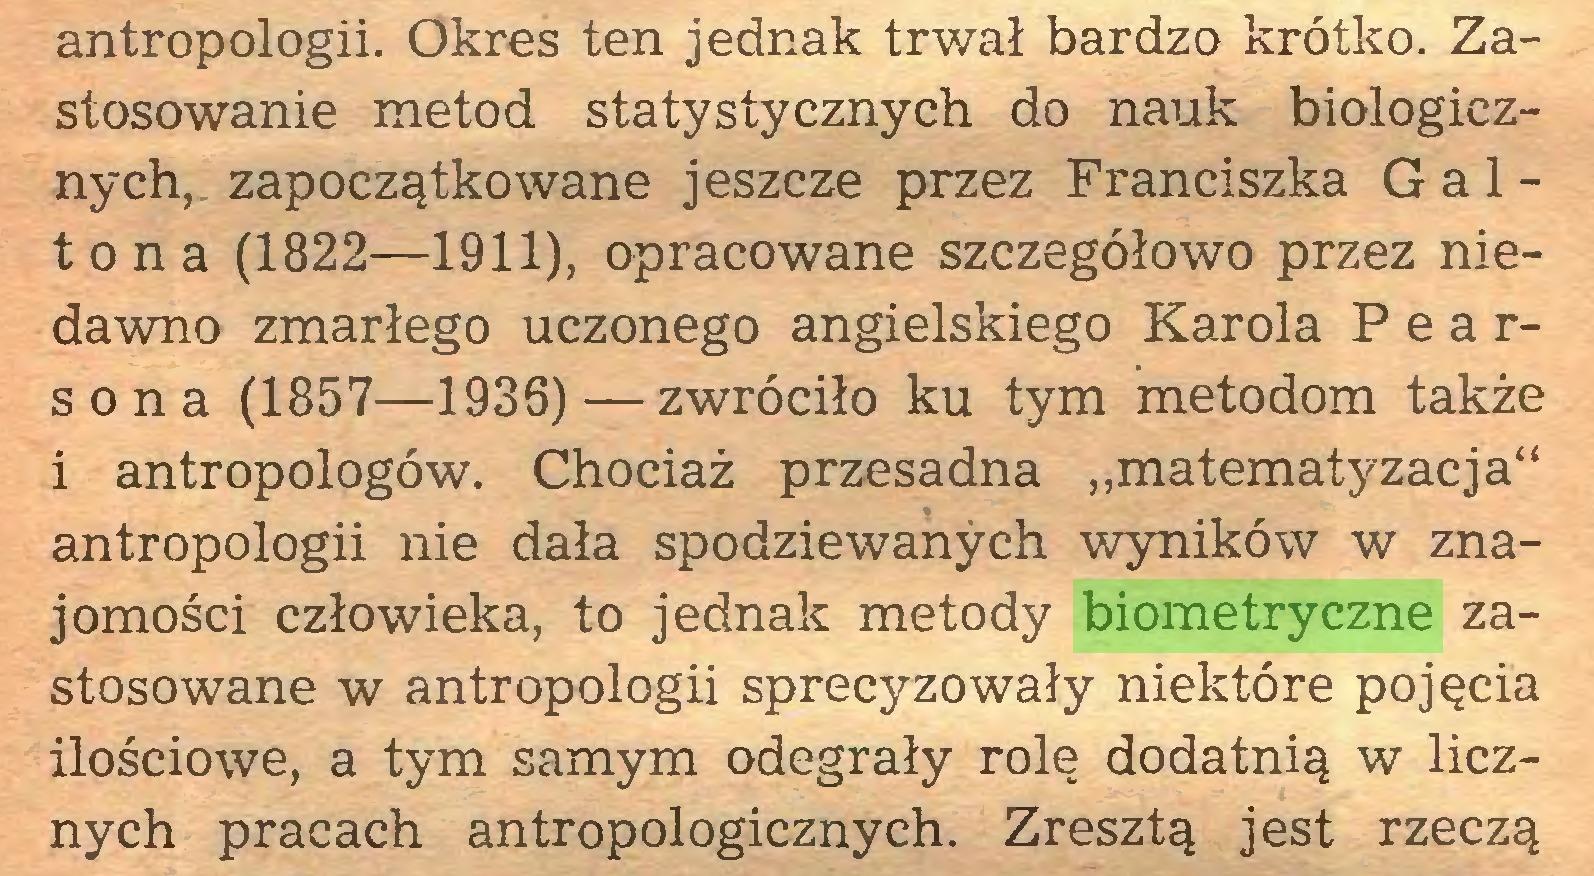 """(...) antropologii. Okres ten jednak trwał bardzo krótko. Zastosowanie metod statystycznych do nauk biologicznych, zapoczątkowane jeszcze przez Franciszka G a 1 tona (1822—1911), opracowane szczegółowo przez niedawno zmarłego uczonego angielskiego Karola Pearsona (1857—1936)—zwróciło ku tym metodom także i antropologów. Chociaż przesadna """"matematyzacja"""" antropologii nie dała spodziewanych wyników w znajomości człowieka, to jednak metody biometryczne zastosowane w antropologii sprecyzowały niektóre pojęcia ilościowe, a tym samym odegrały rolę dodatnią w licznych pracach antropologicznych. Zresztą jest rzeczą..."""